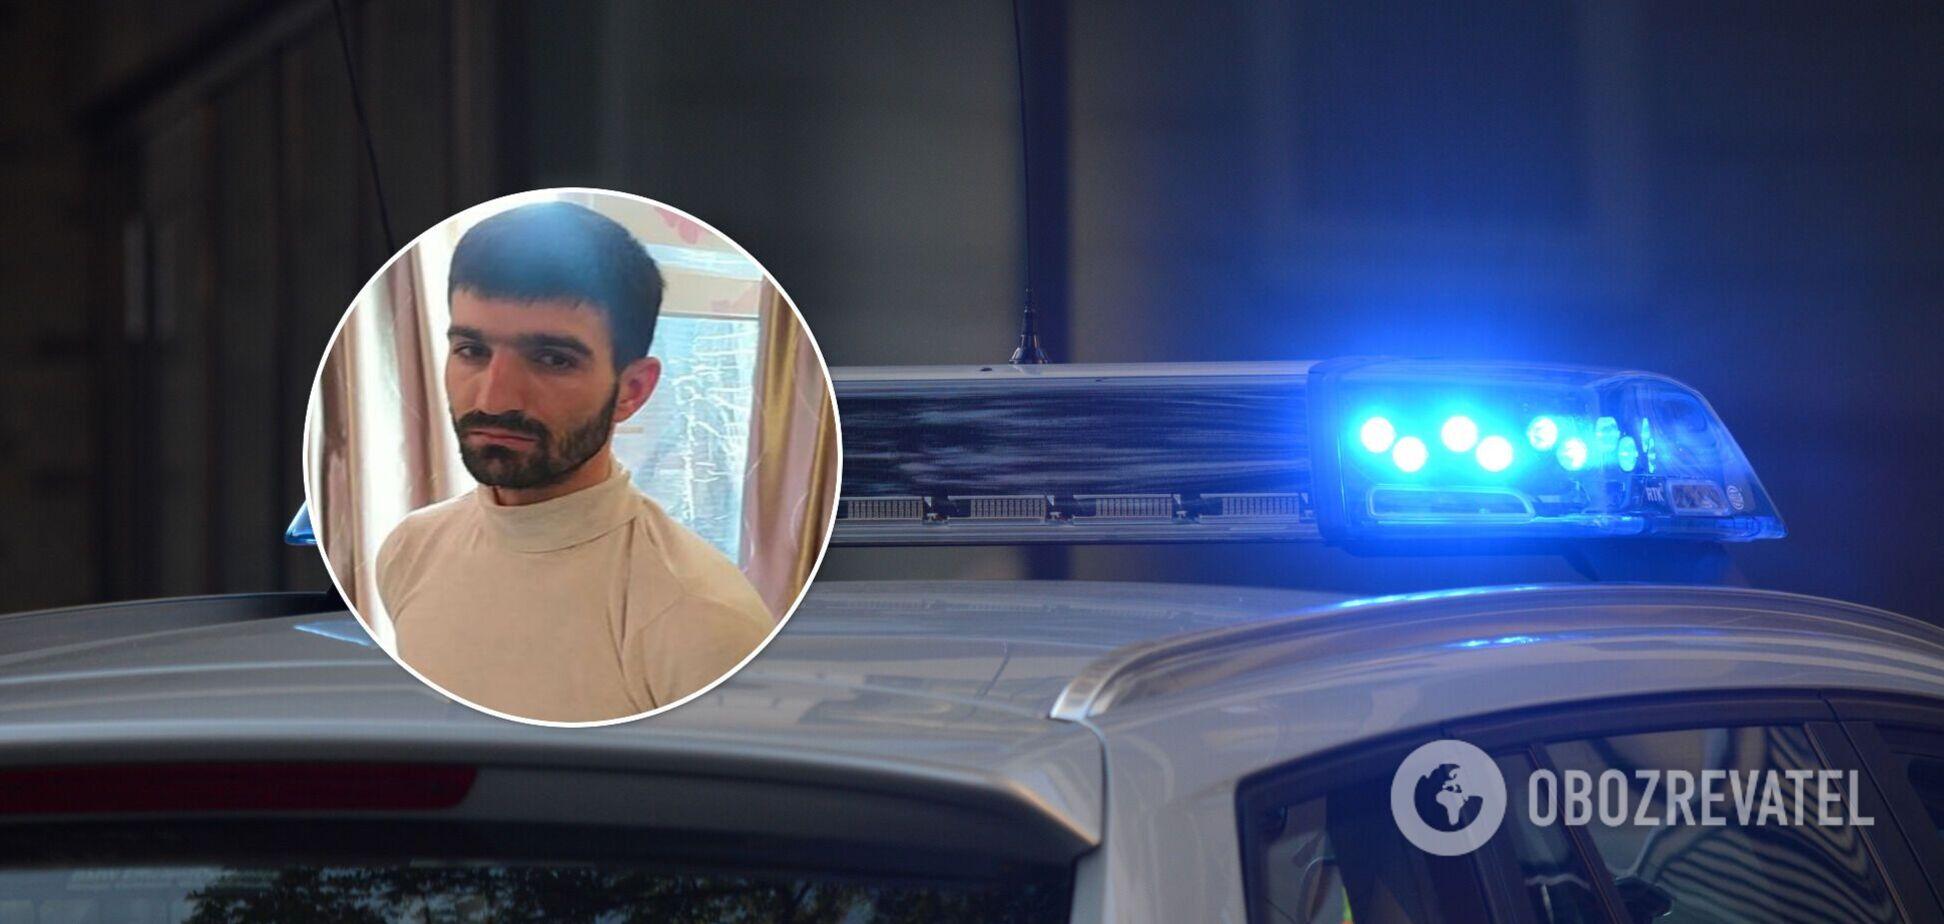 На Одещині підозрюваний втік перед засіданням суду. Фото